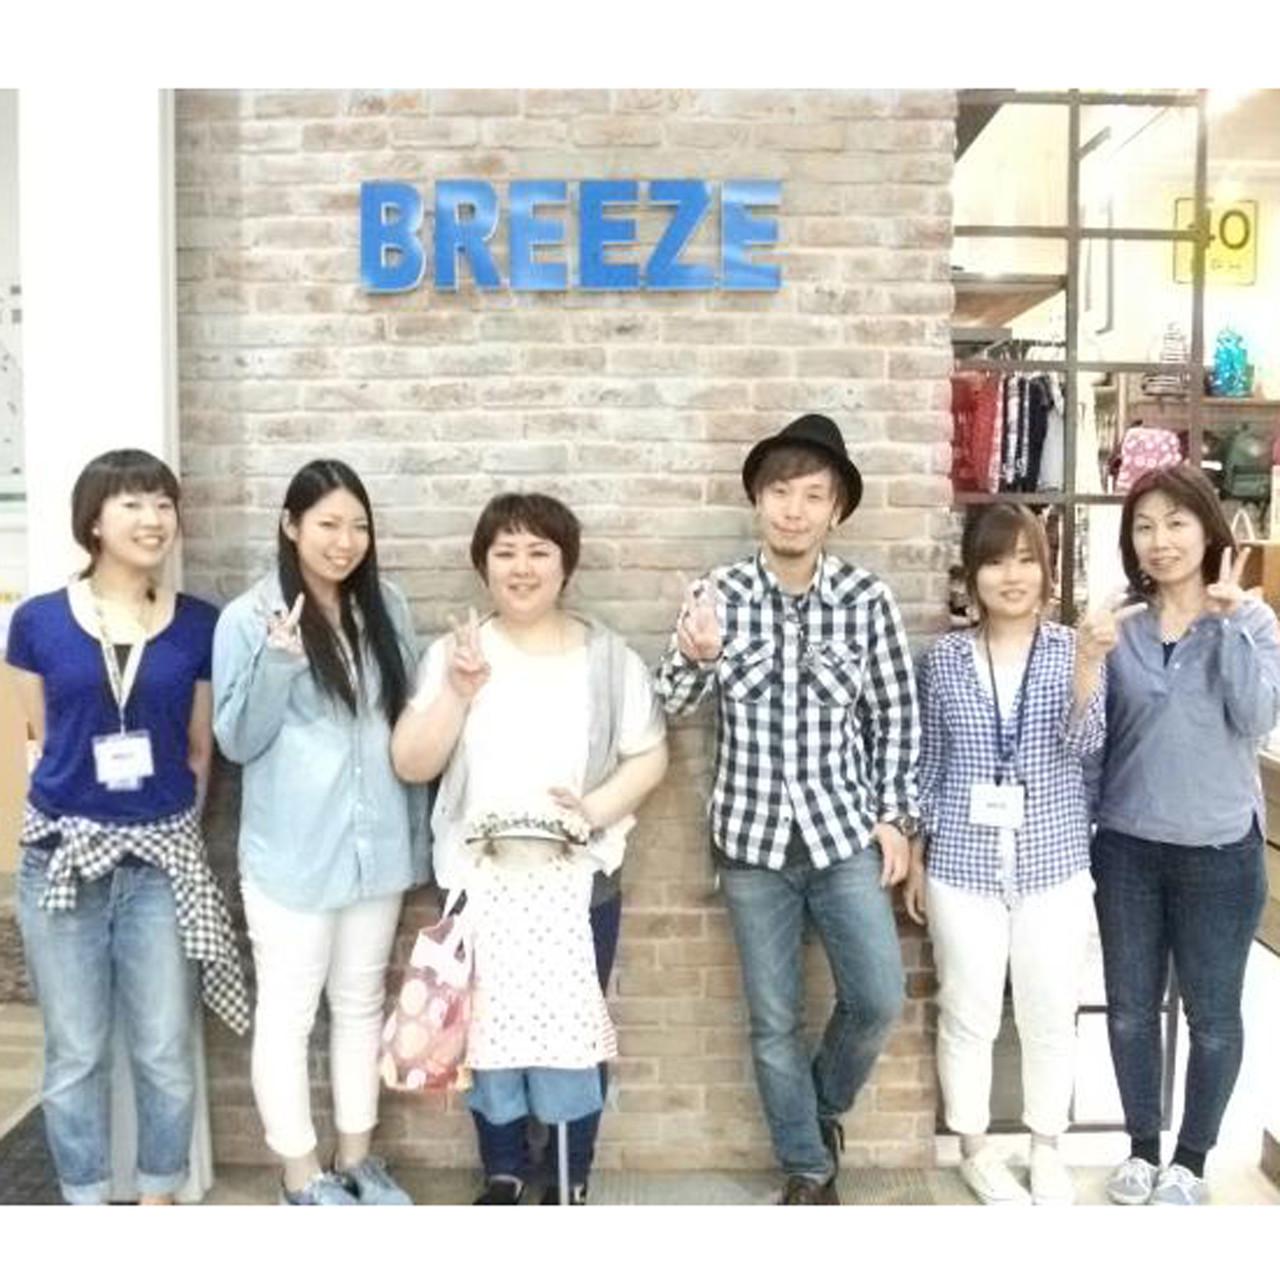 BREEZE イオンモール京都五条店